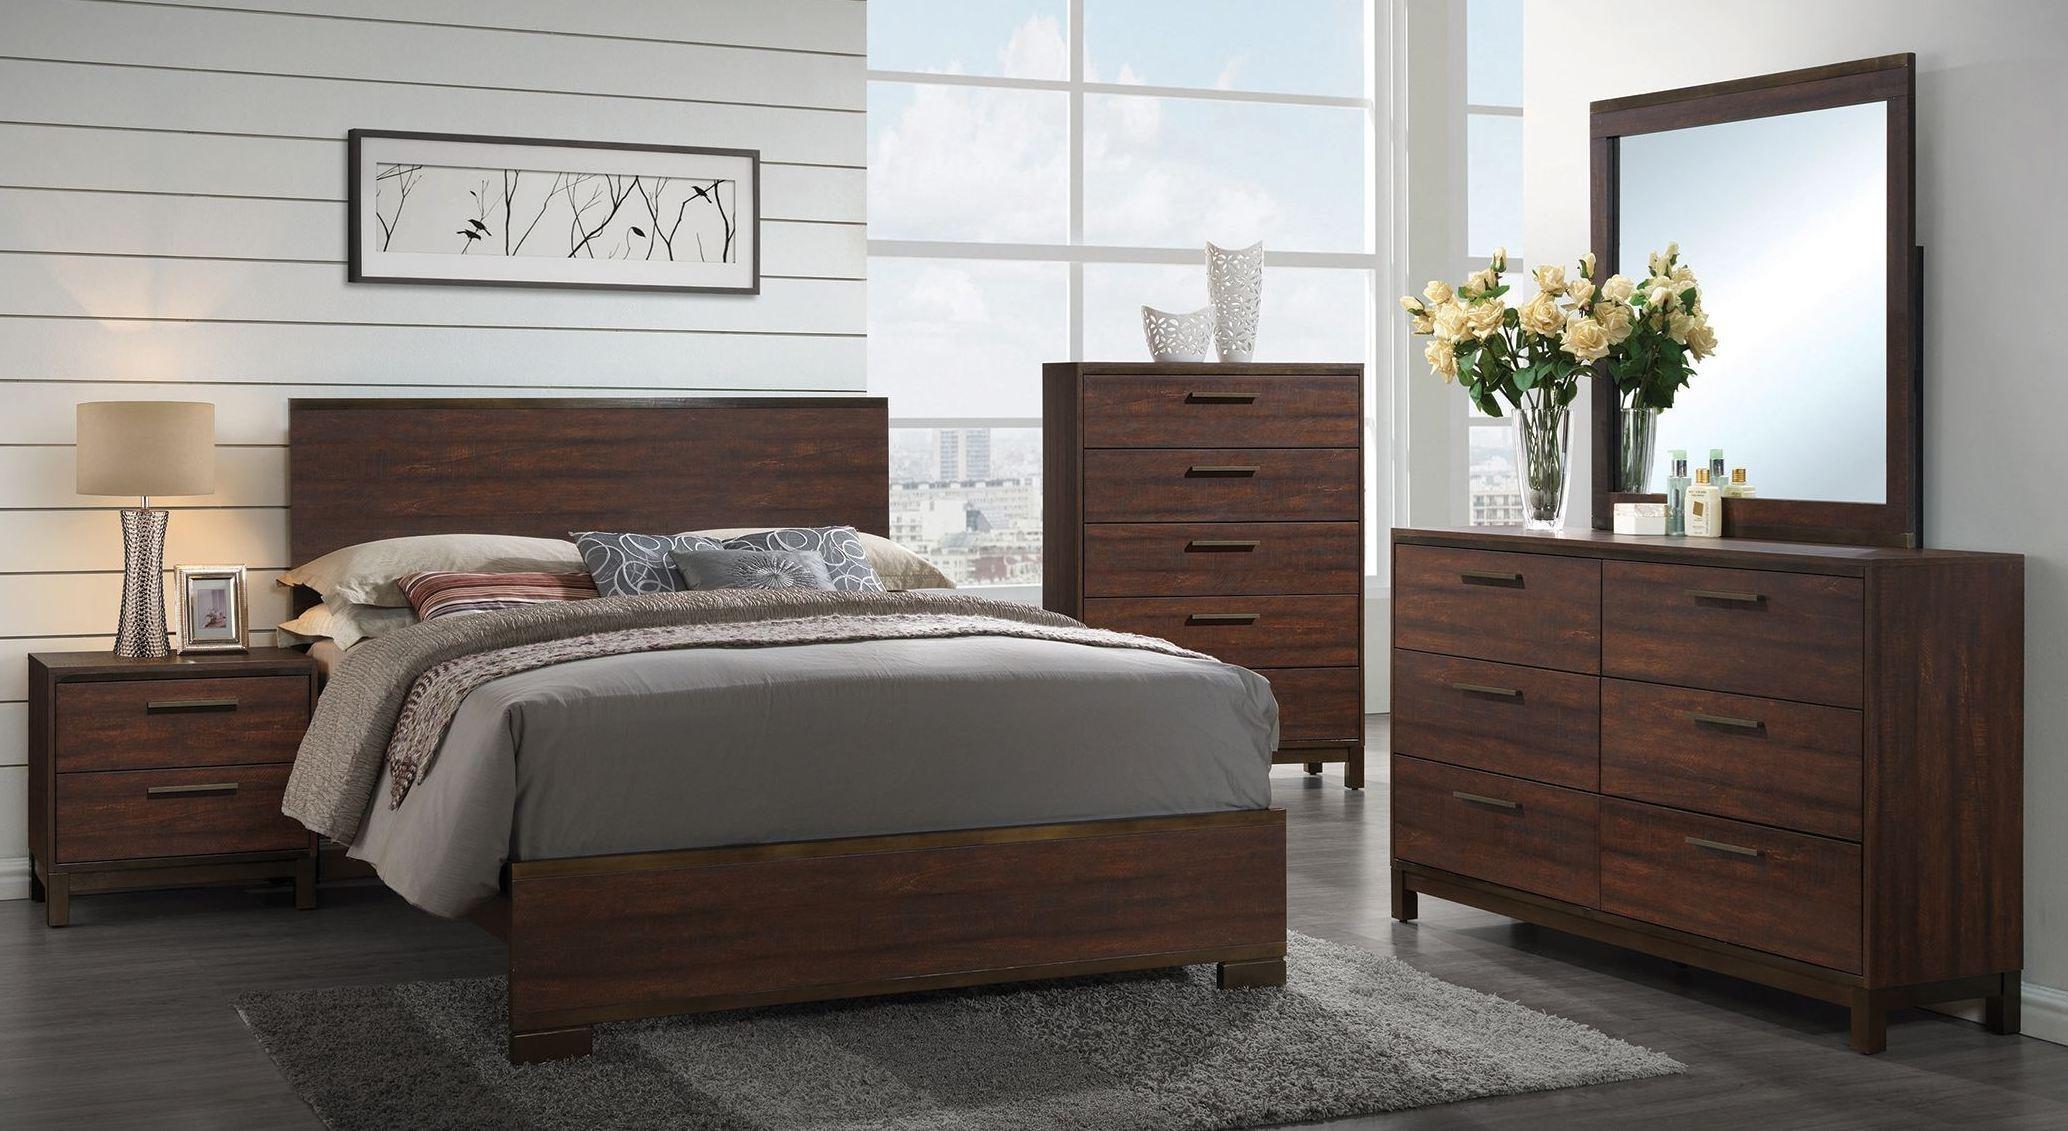 SALE! Teo 4pc. Queen Bedroom Set